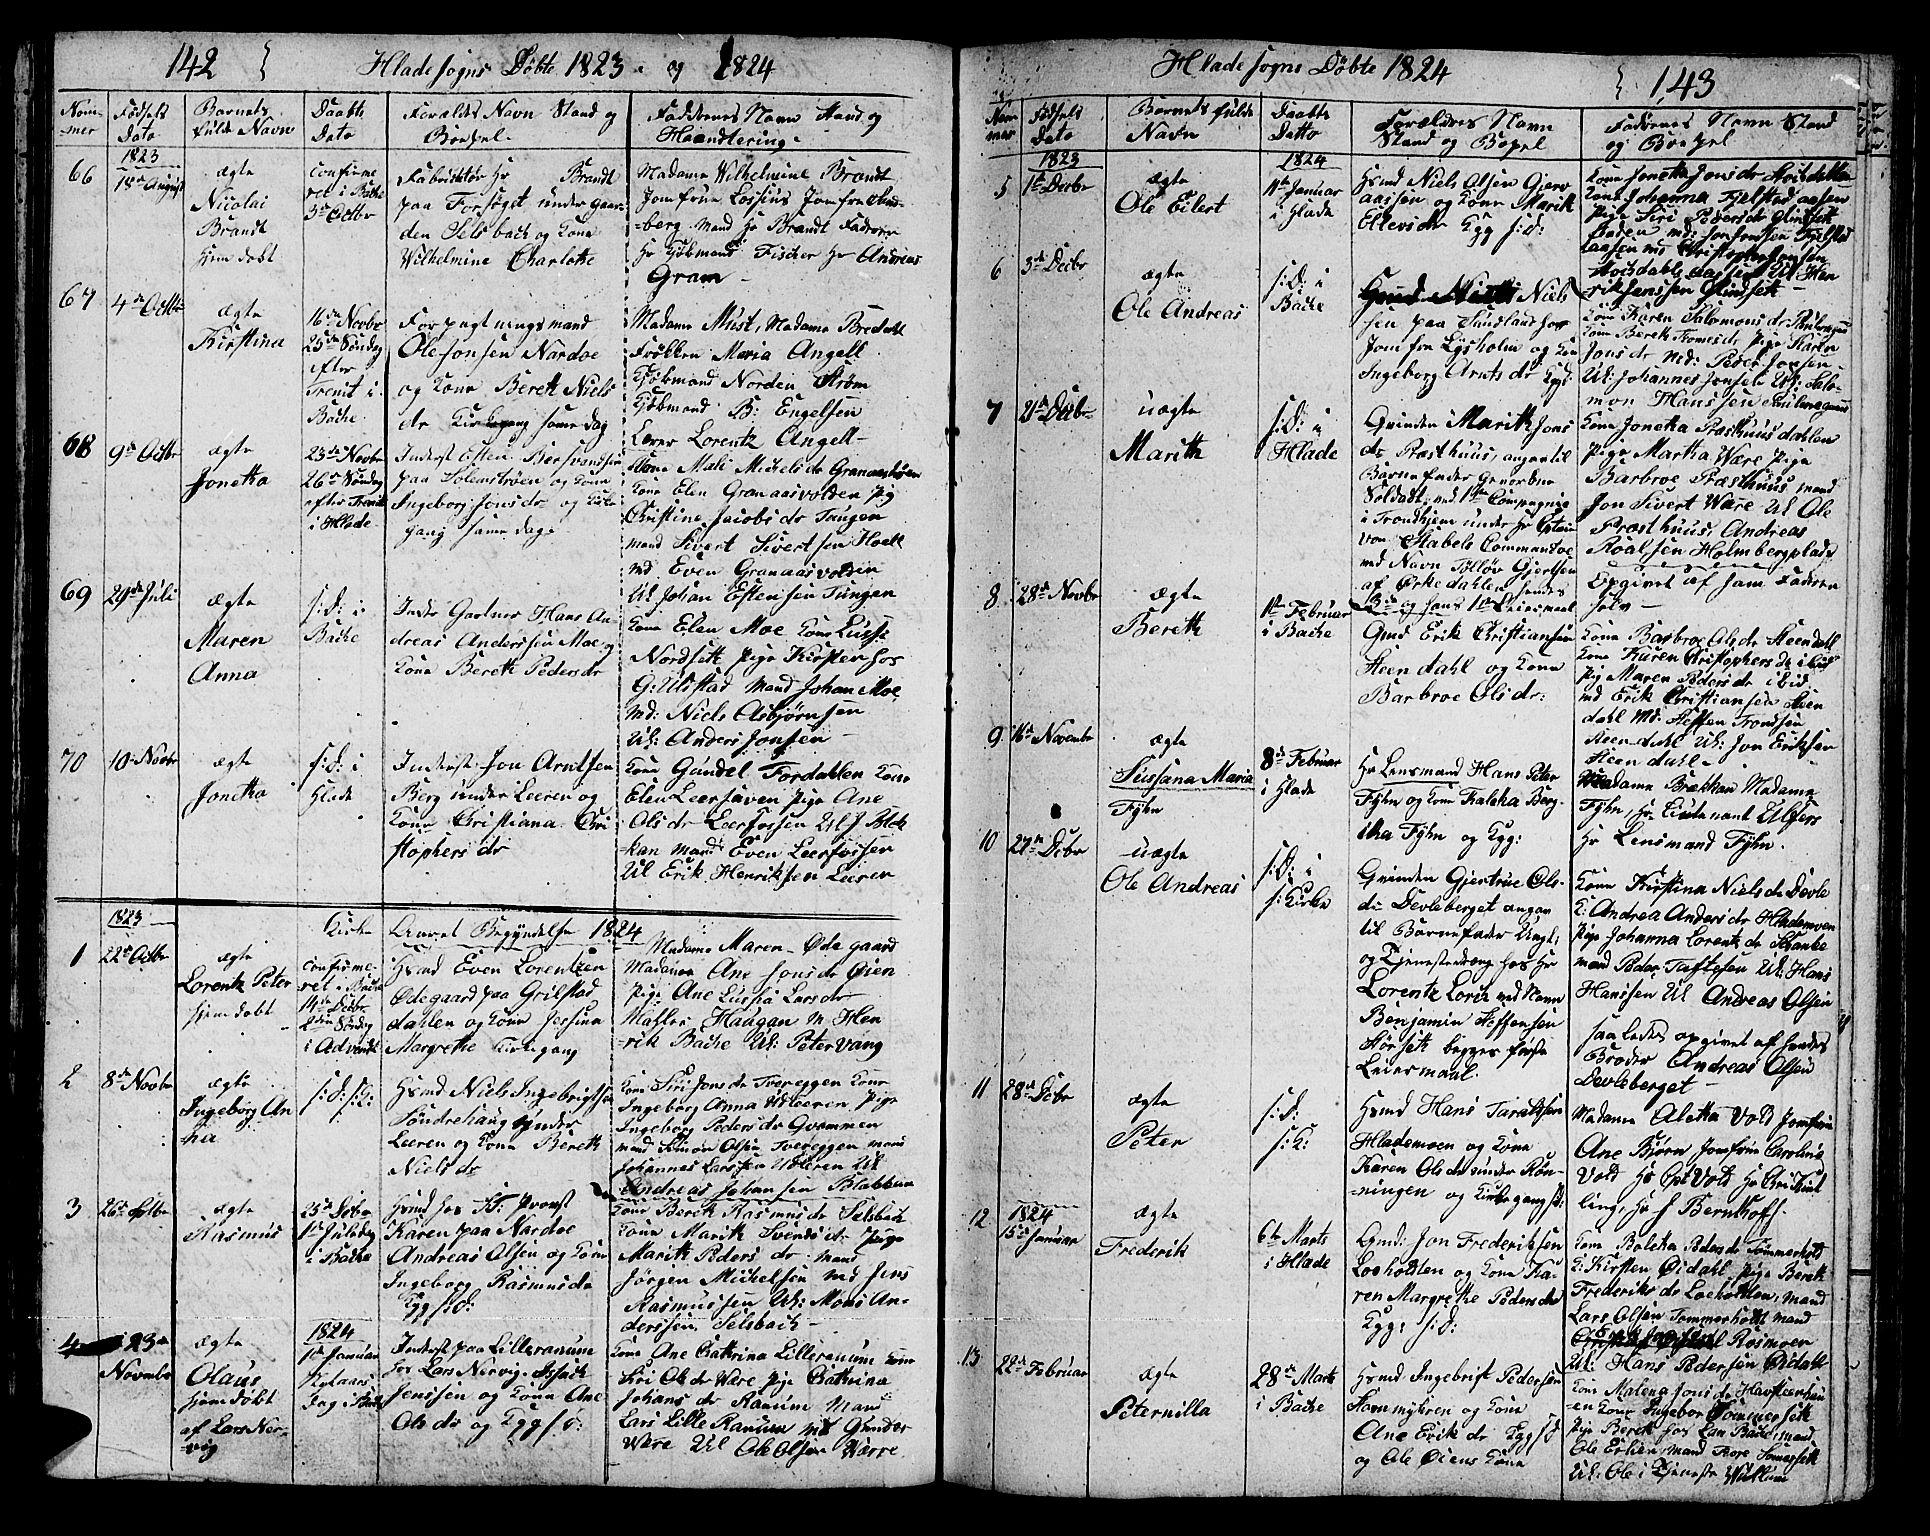 SAT, Ministerialprotokoller, klokkerbøker og fødselsregistre - Sør-Trøndelag, 606/L0306: Klokkerbok nr. 606C02, 1797-1829, s. 142-143